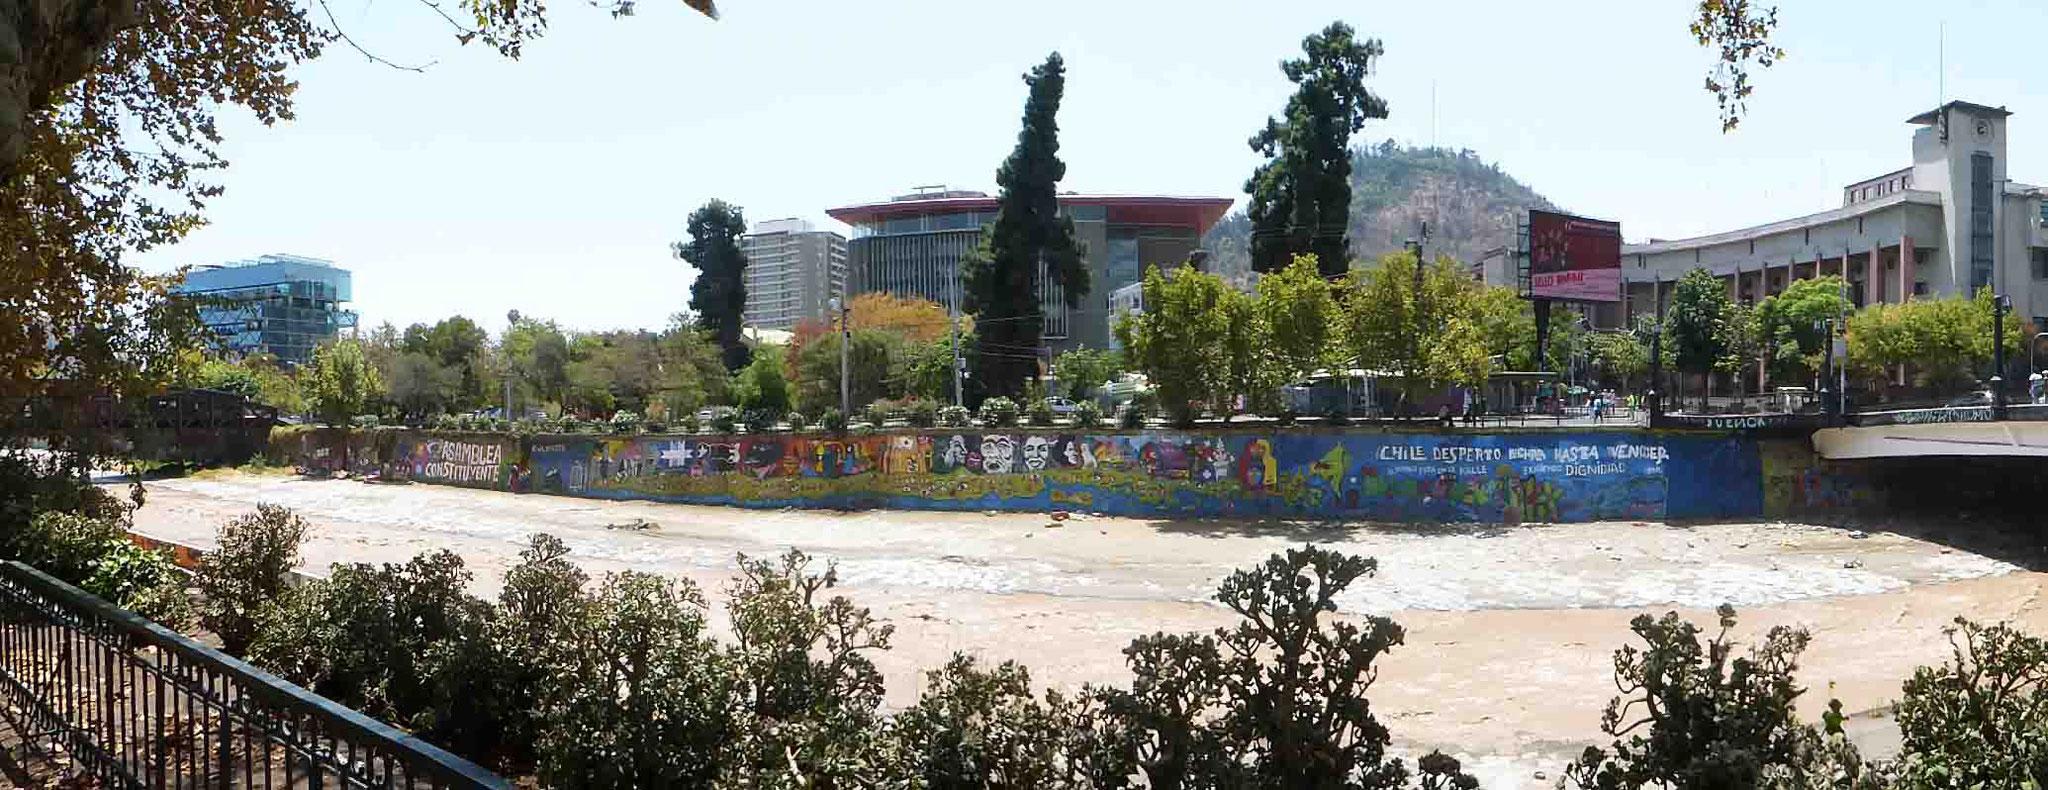 Au pied du Cerro San Cristóbal, les stigmates des revendications populaires sur les berges du rio Mapocho